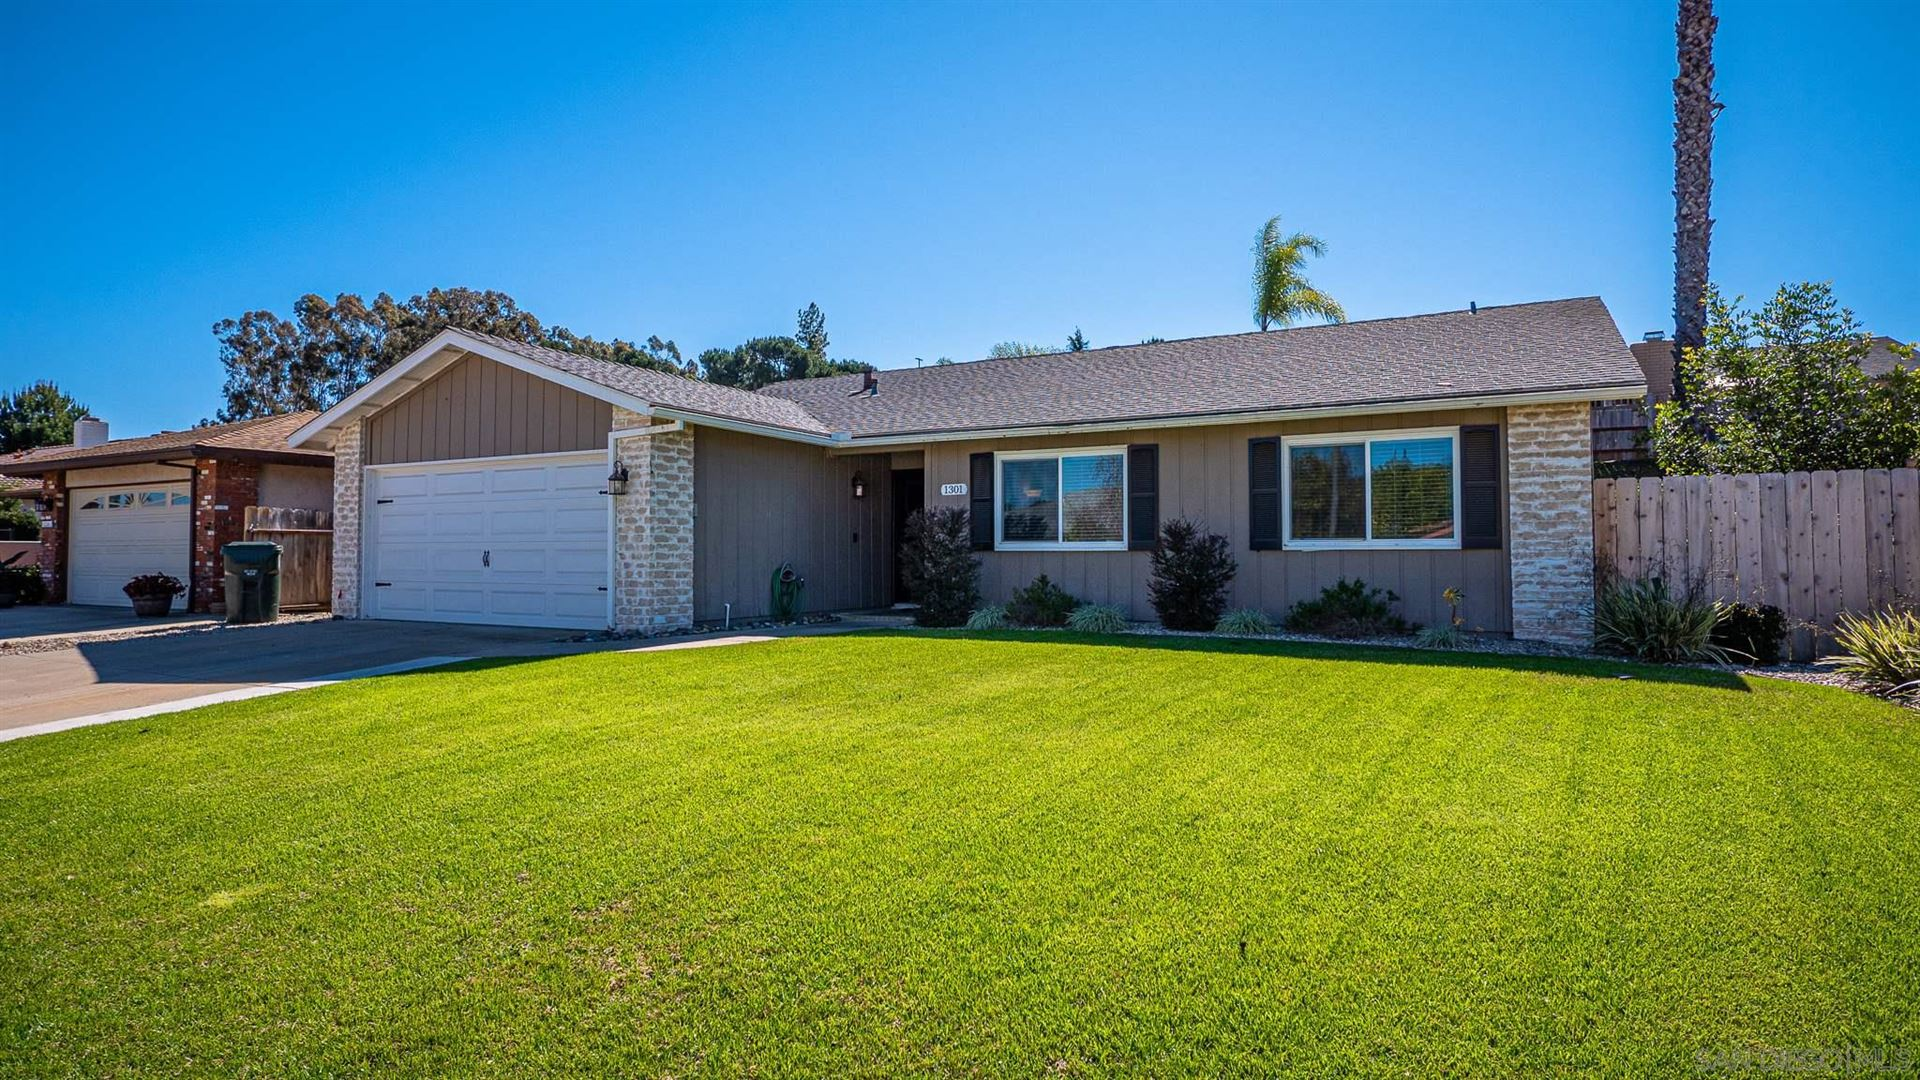 Photo of 1301 La Mirada Avenue, Escondido, CA 92026 (MLS # 210004572)